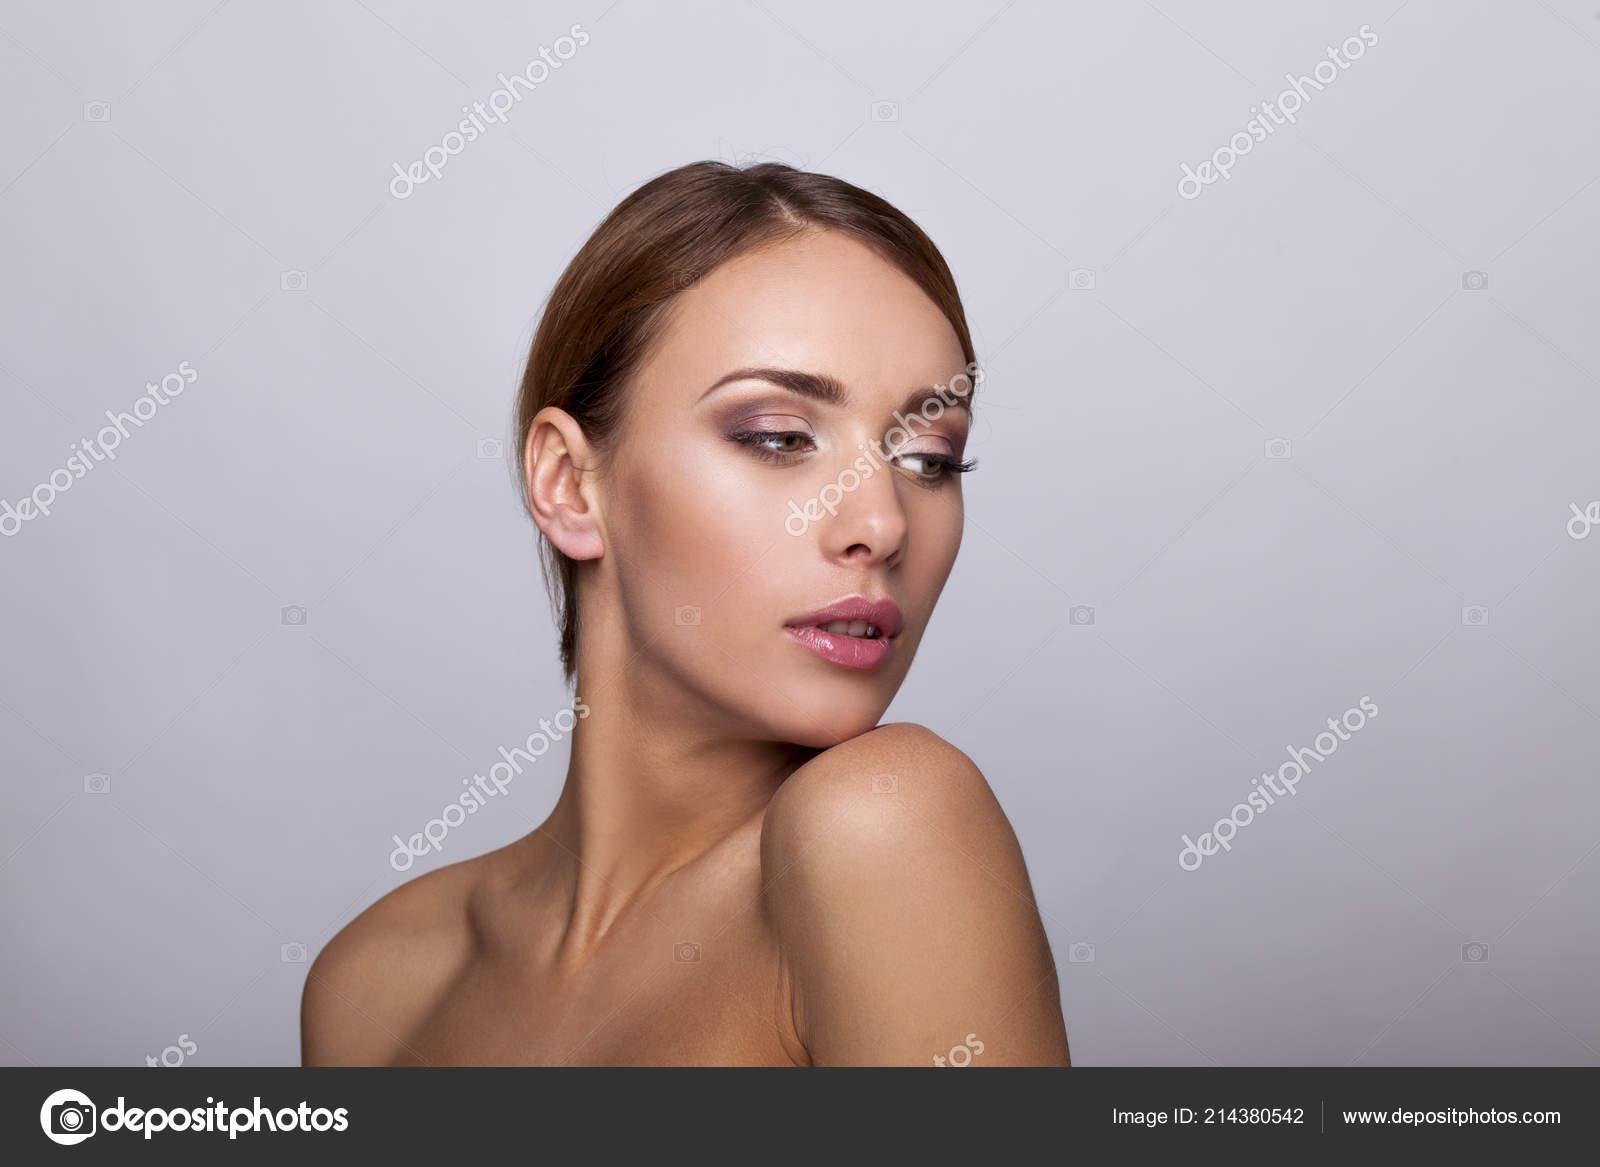 Retrato Chica Hermosa Desnuda Con Piel Perfecta Natural Maquillaje